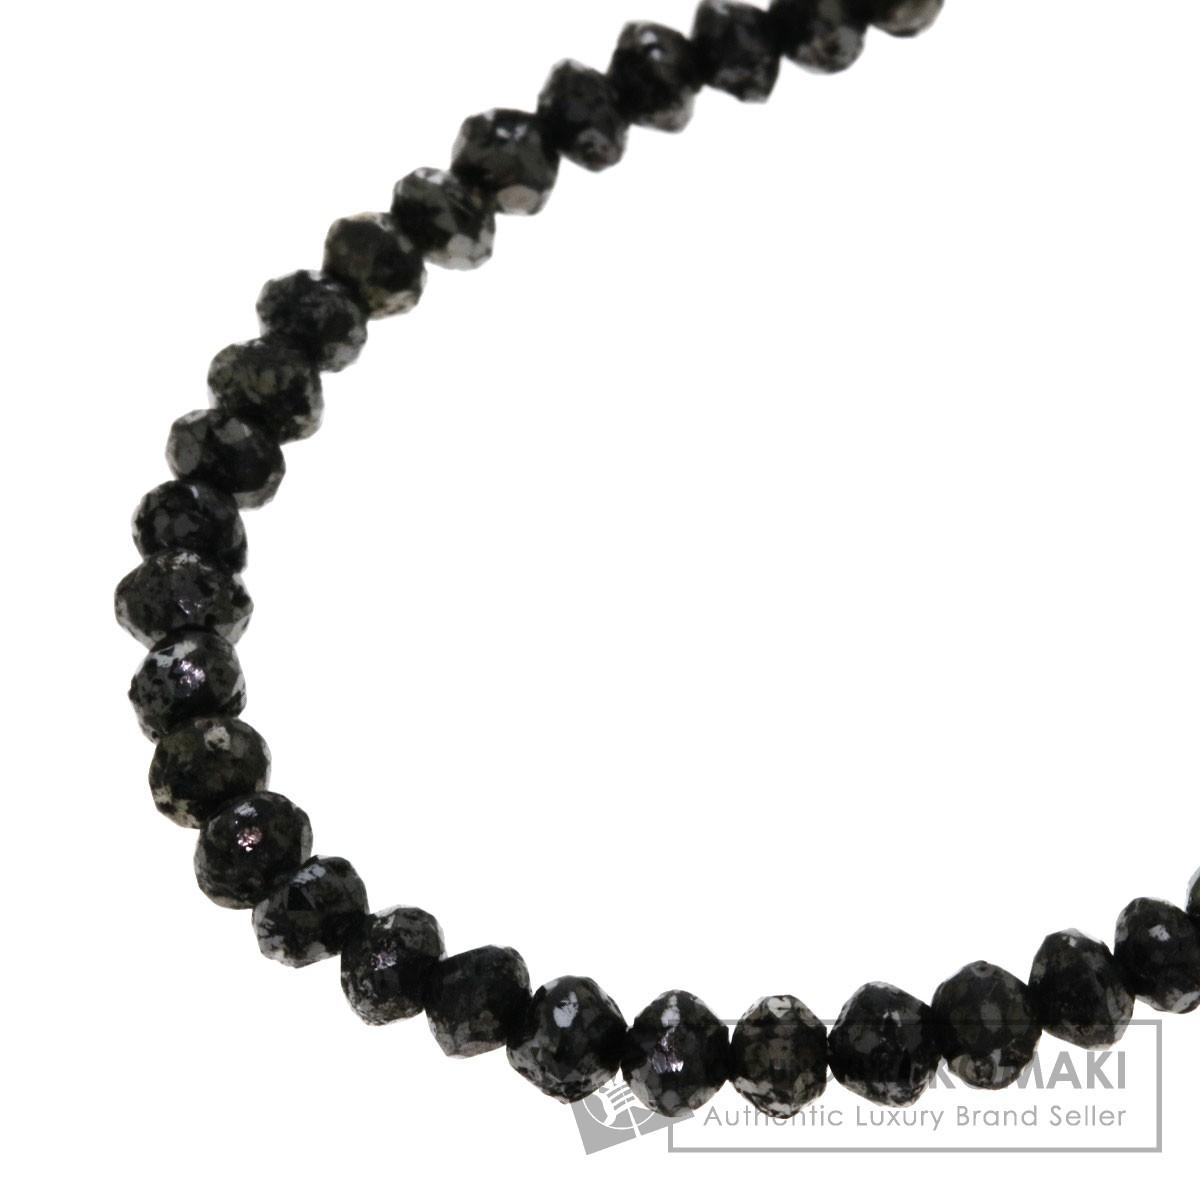 30.29ct ブラックダイヤモンド ネックレス K18ホワイトゴールド 6.9g レディース 【中古】